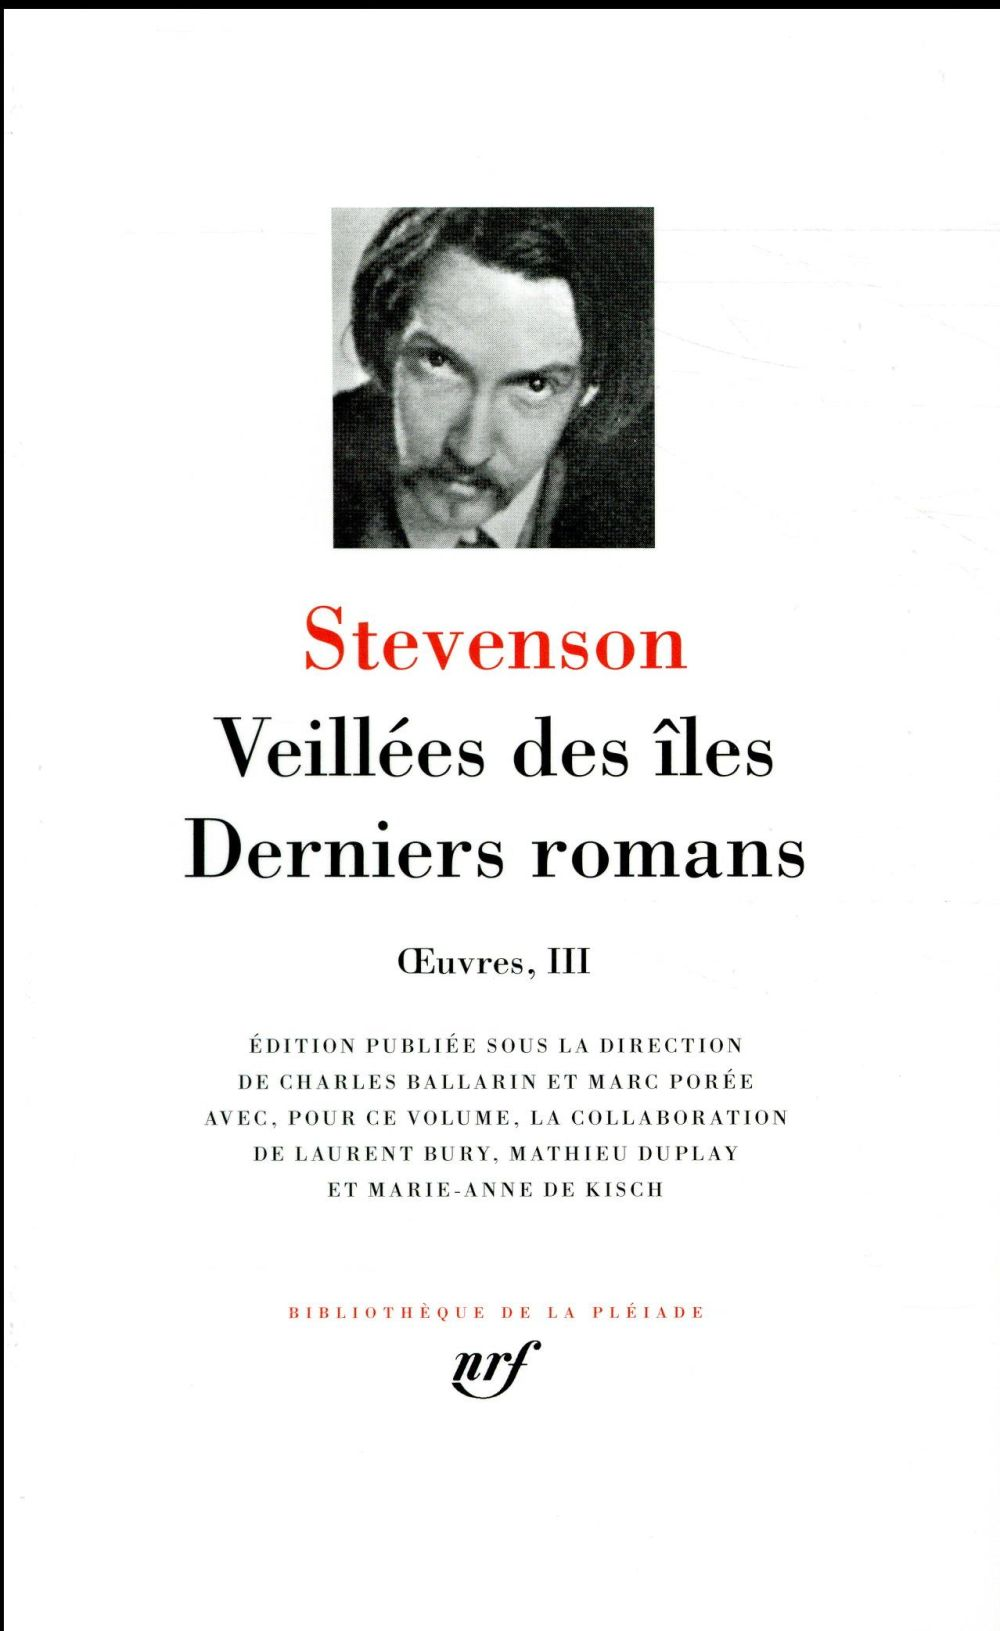 Oeuvres III ; veillées des îles ; derniers romans